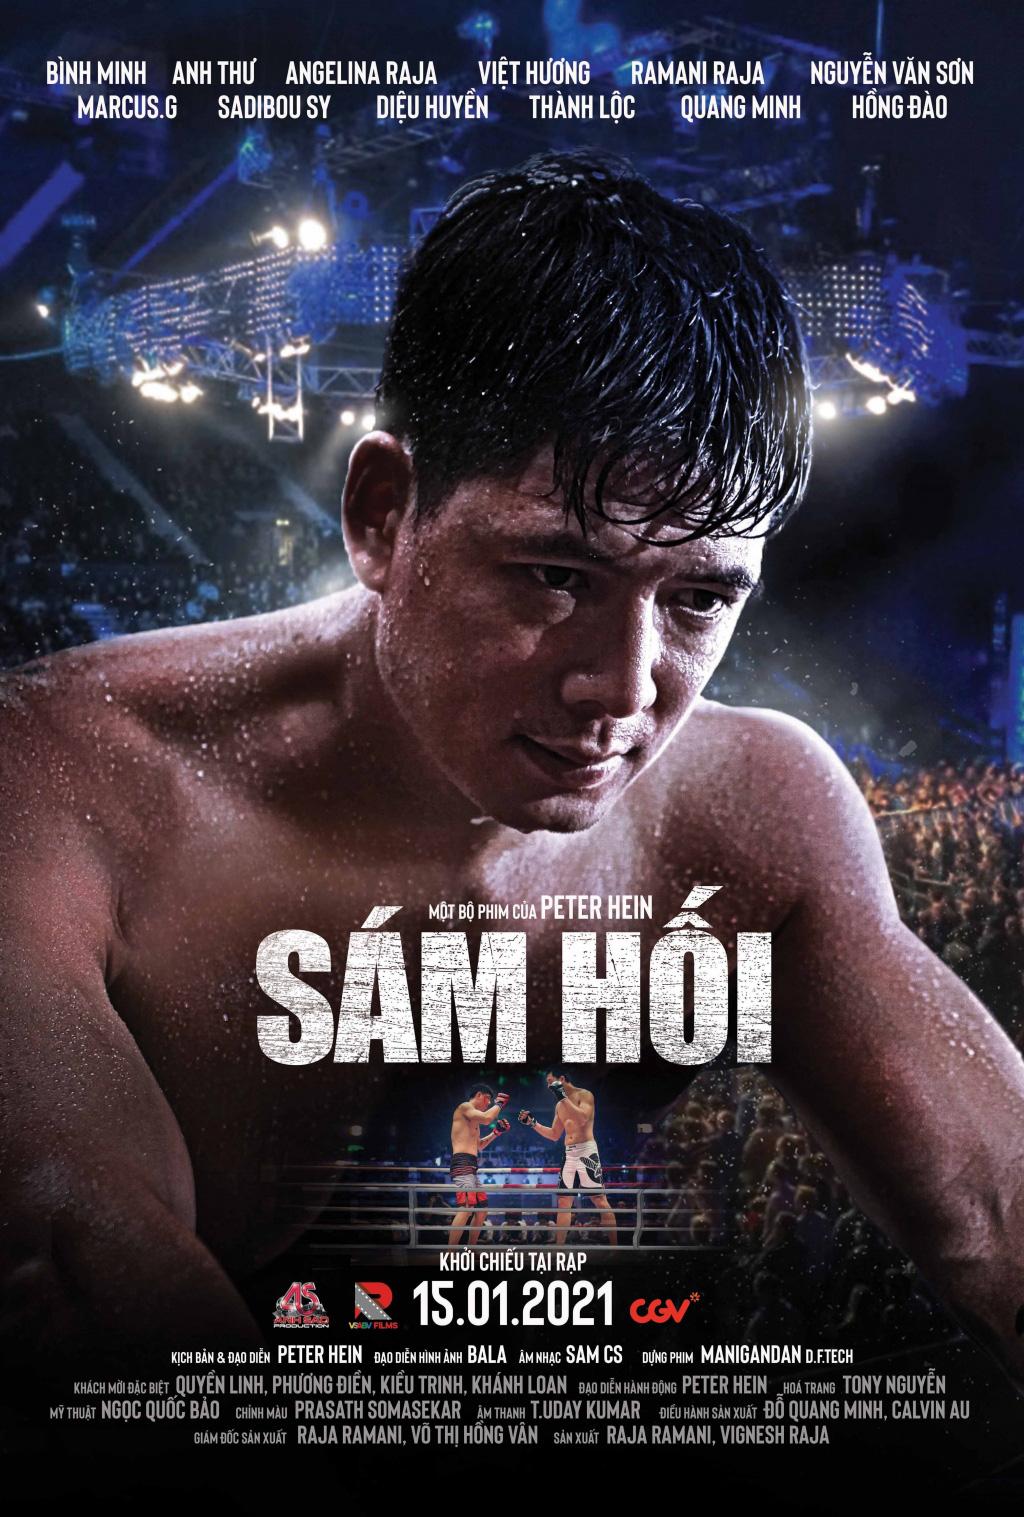 Bình Minh tái xuất đóng võ sĩ phim hành động triệu đô hợp tác với Bollywood - Ảnh 1.